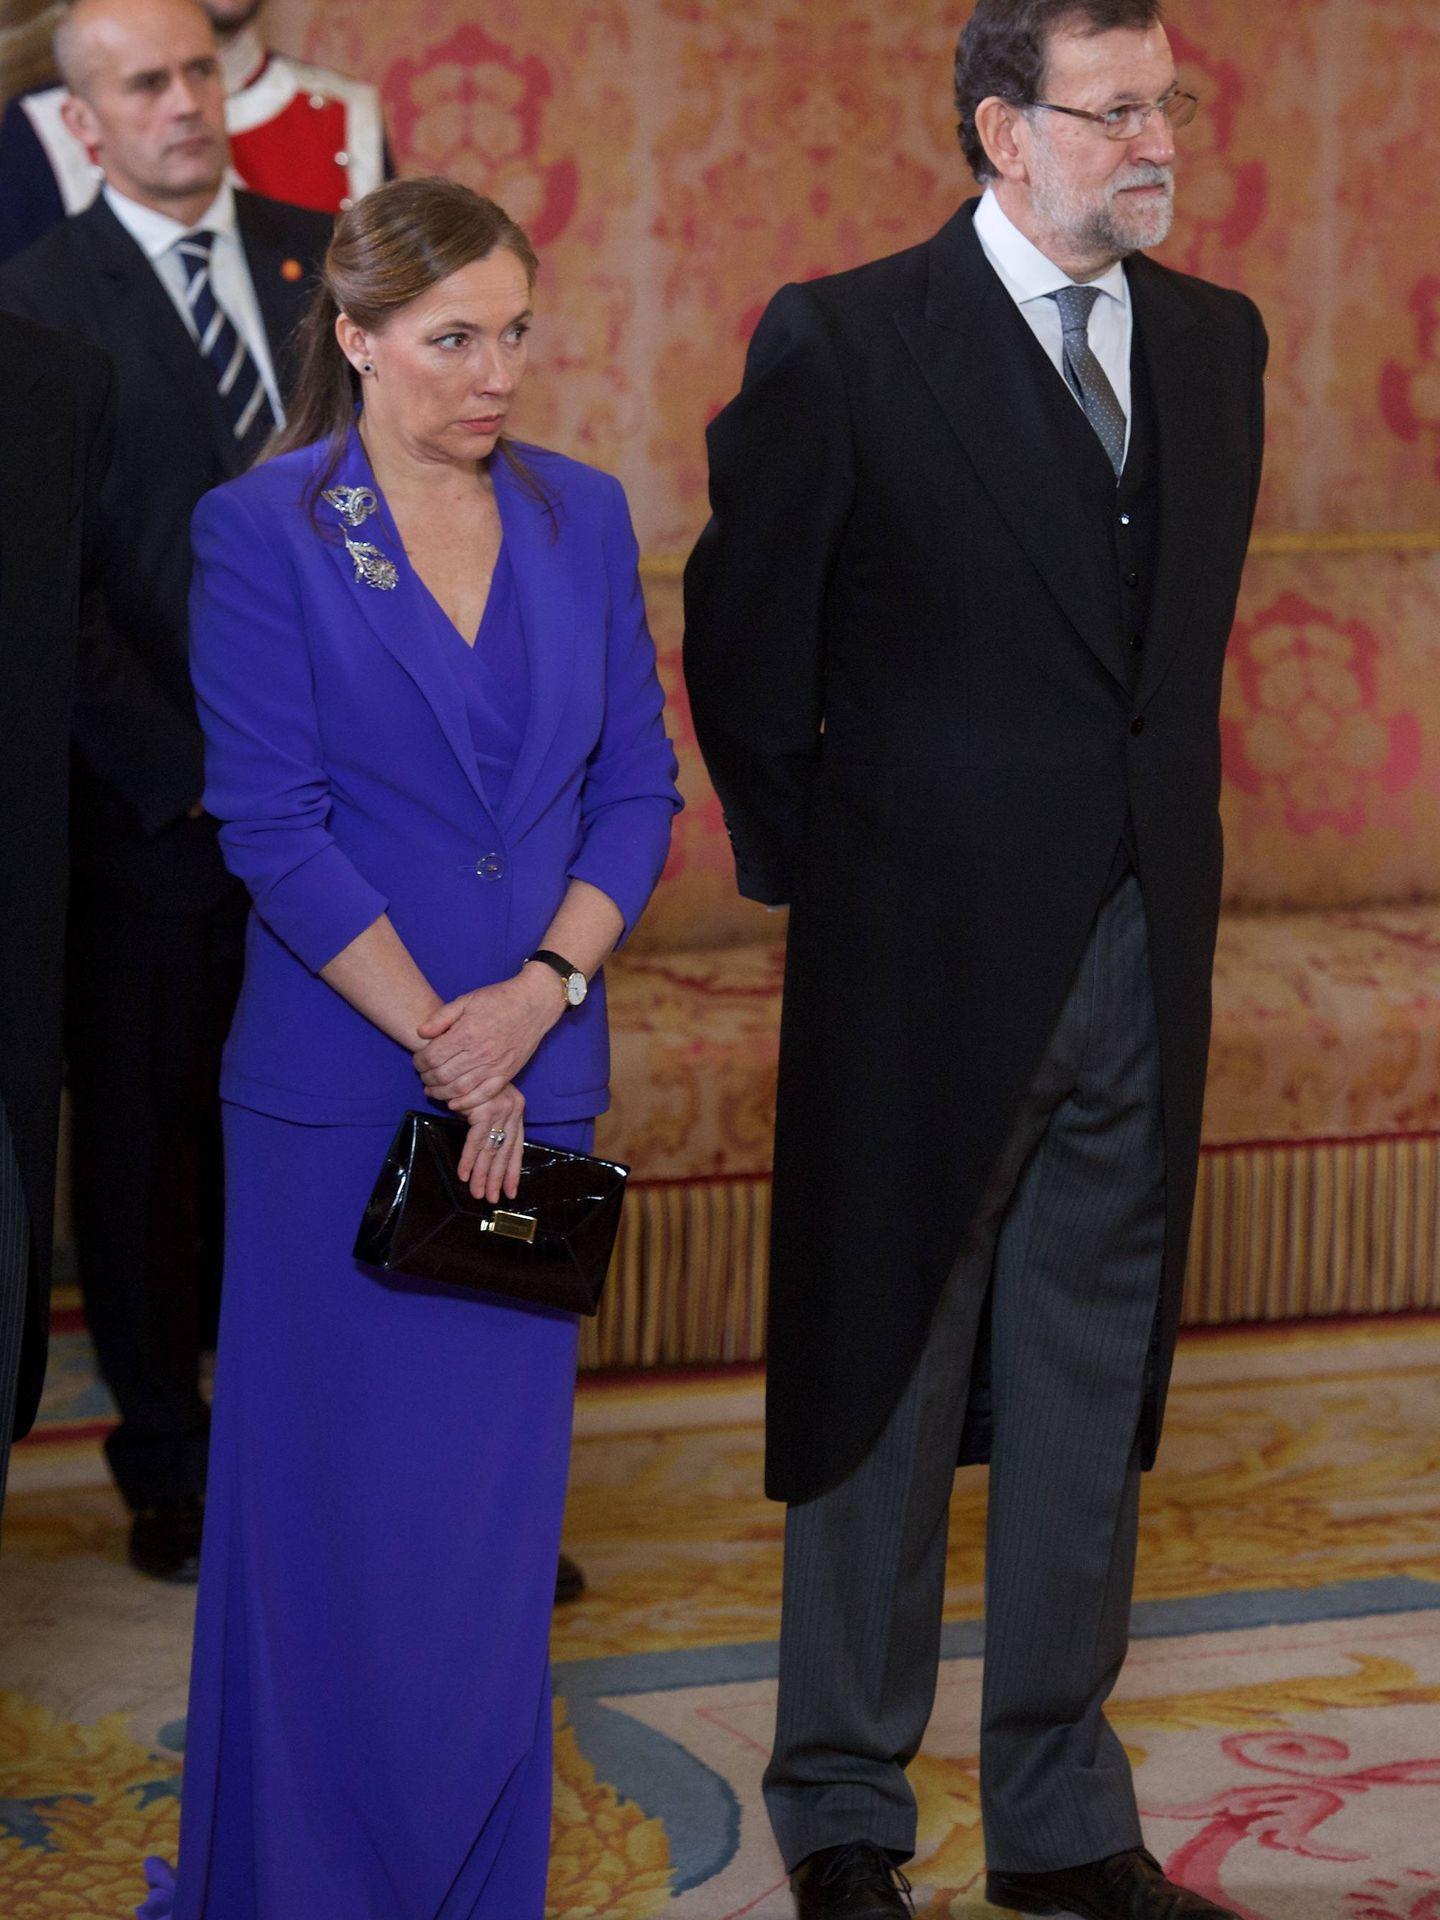 El matrimonio Rajoy, en una recepción oficial en enero de 2015. (Gtres)